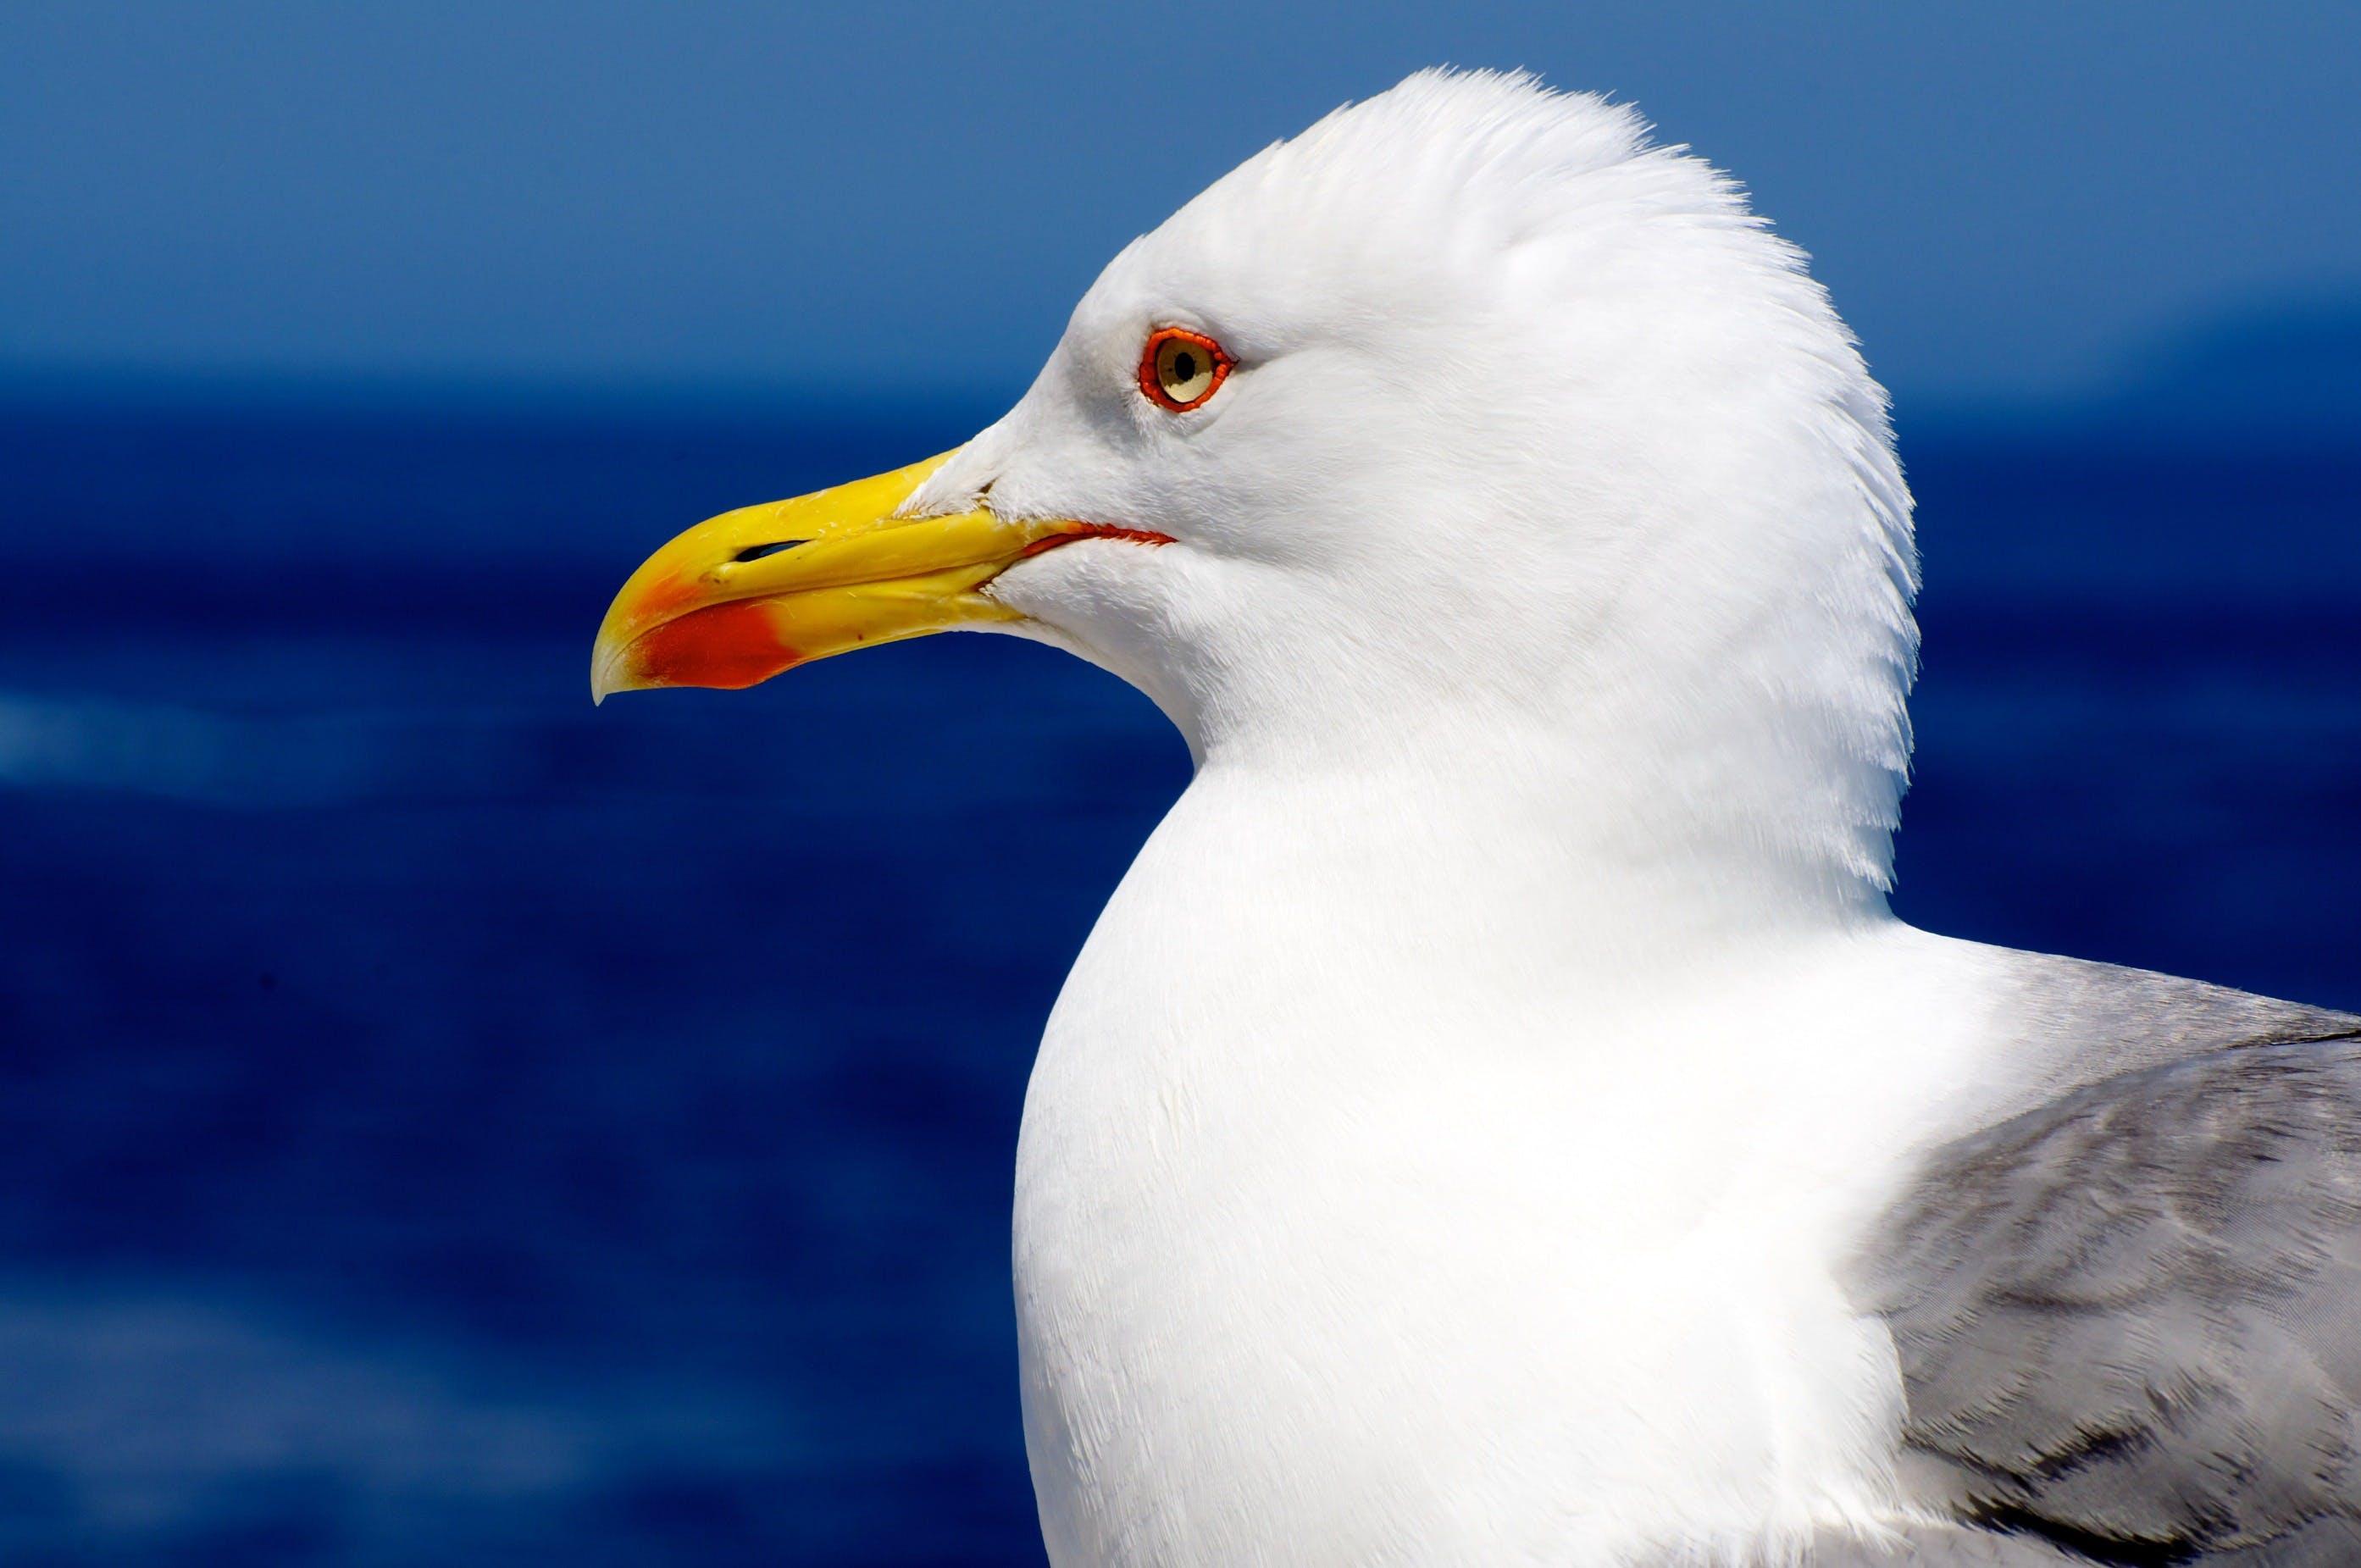 White Yellow and Gray Long Beak Bird Under Blue Sky